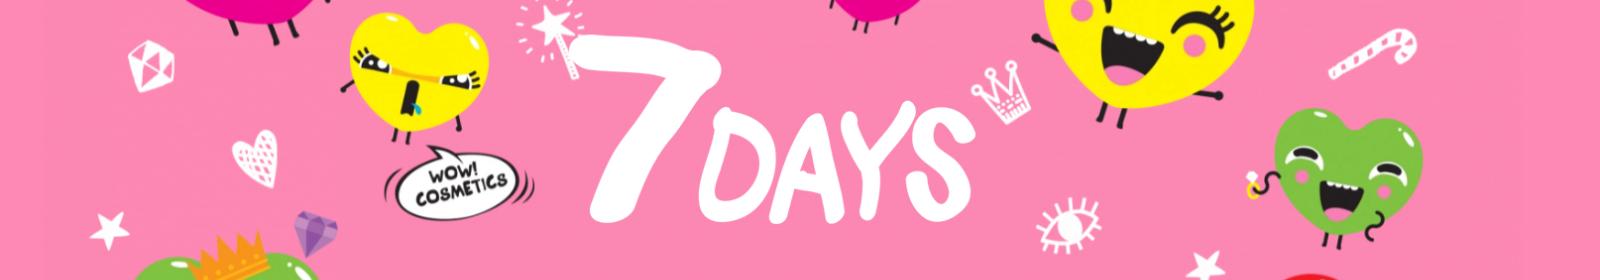 cosmetice/ingrijire-ten 7_days